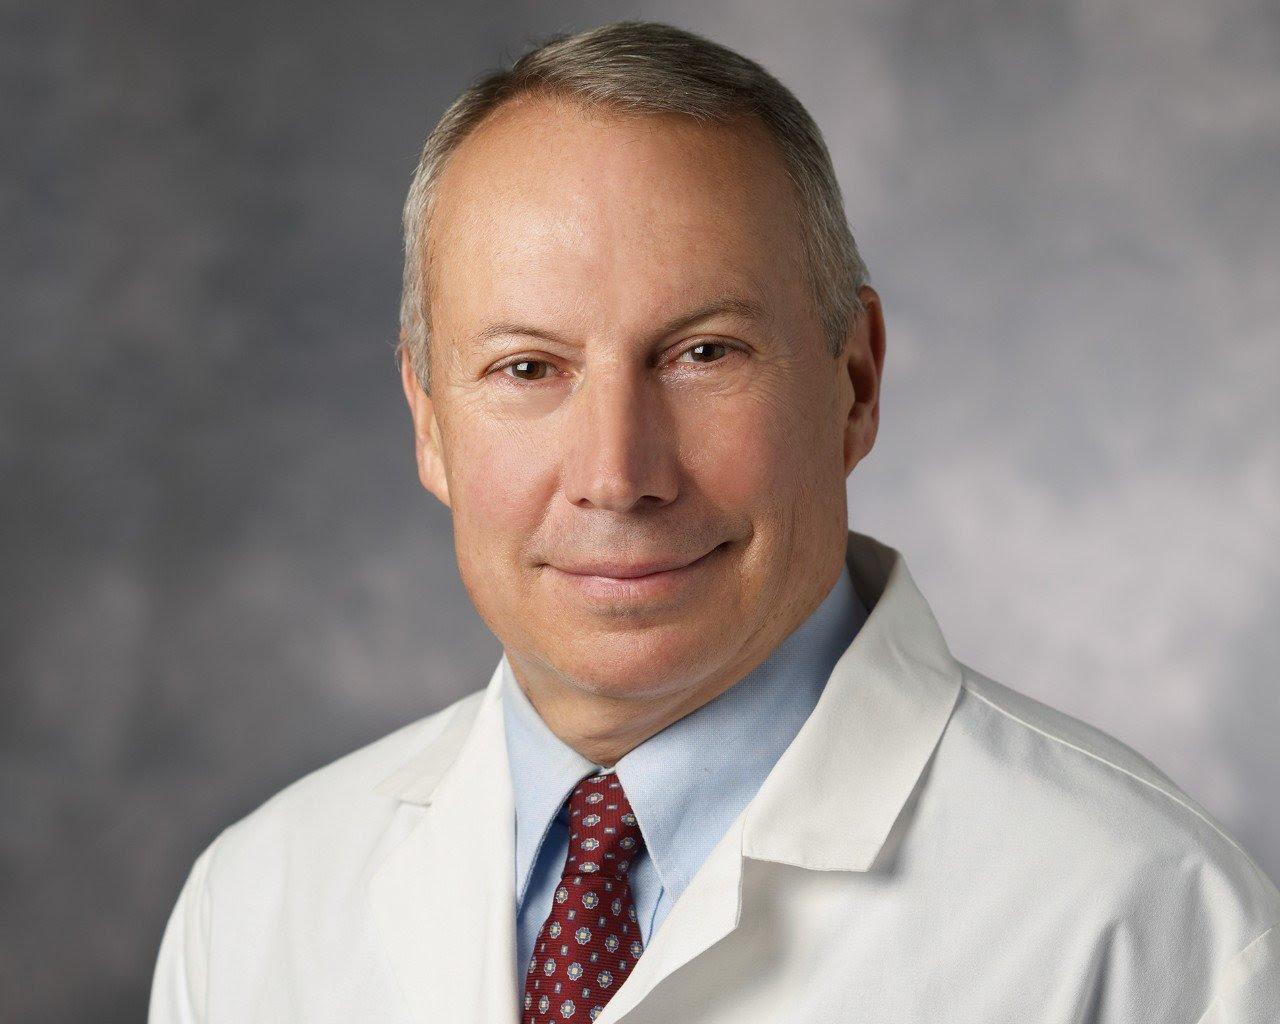 Dr. Dean Winslow